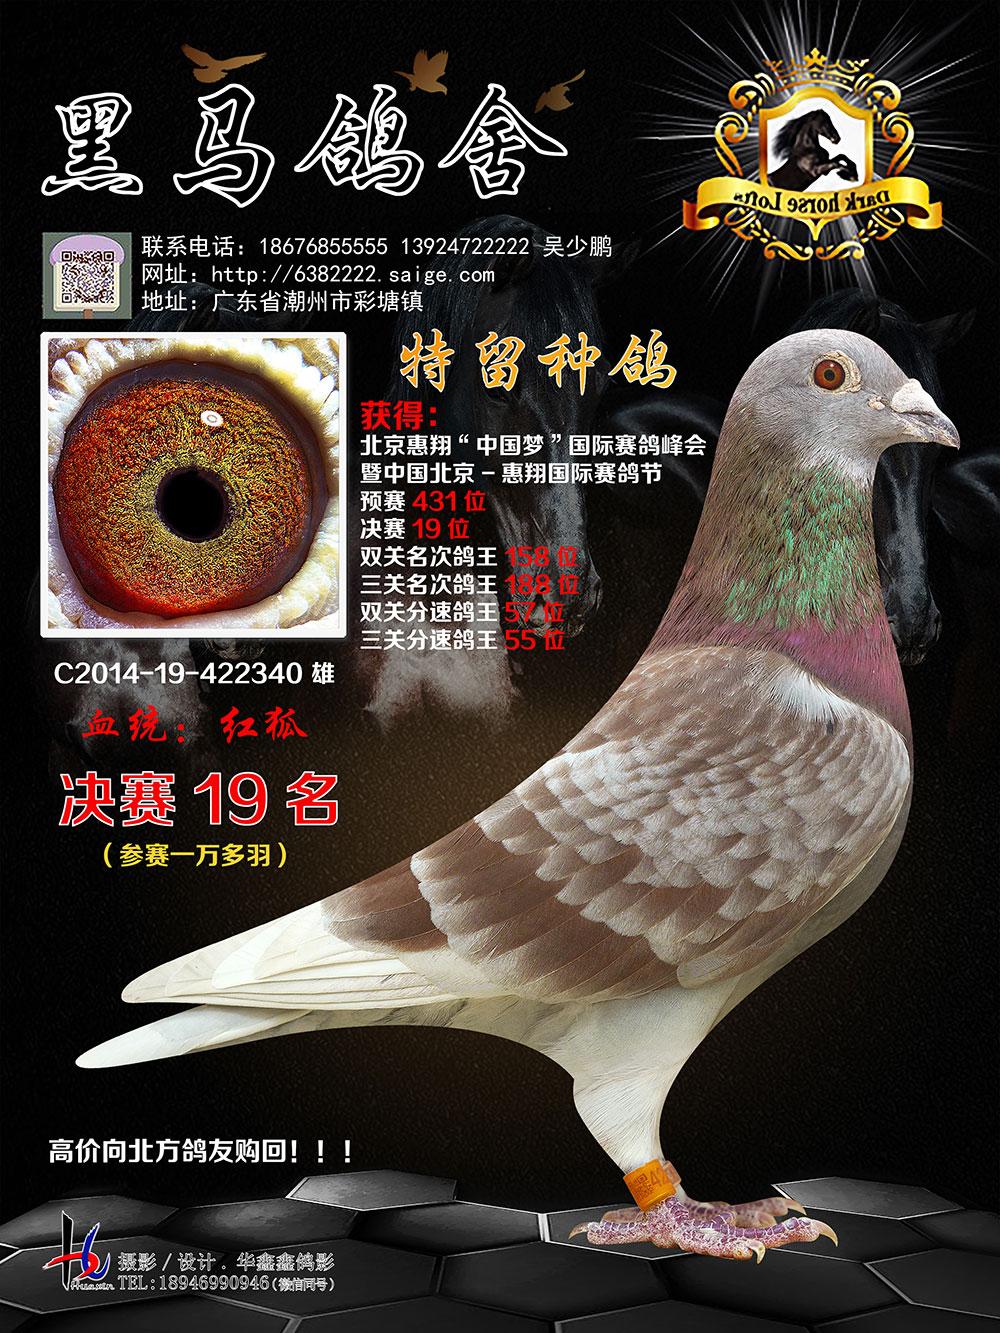 惠翔���H�����Q�19名 14-422340